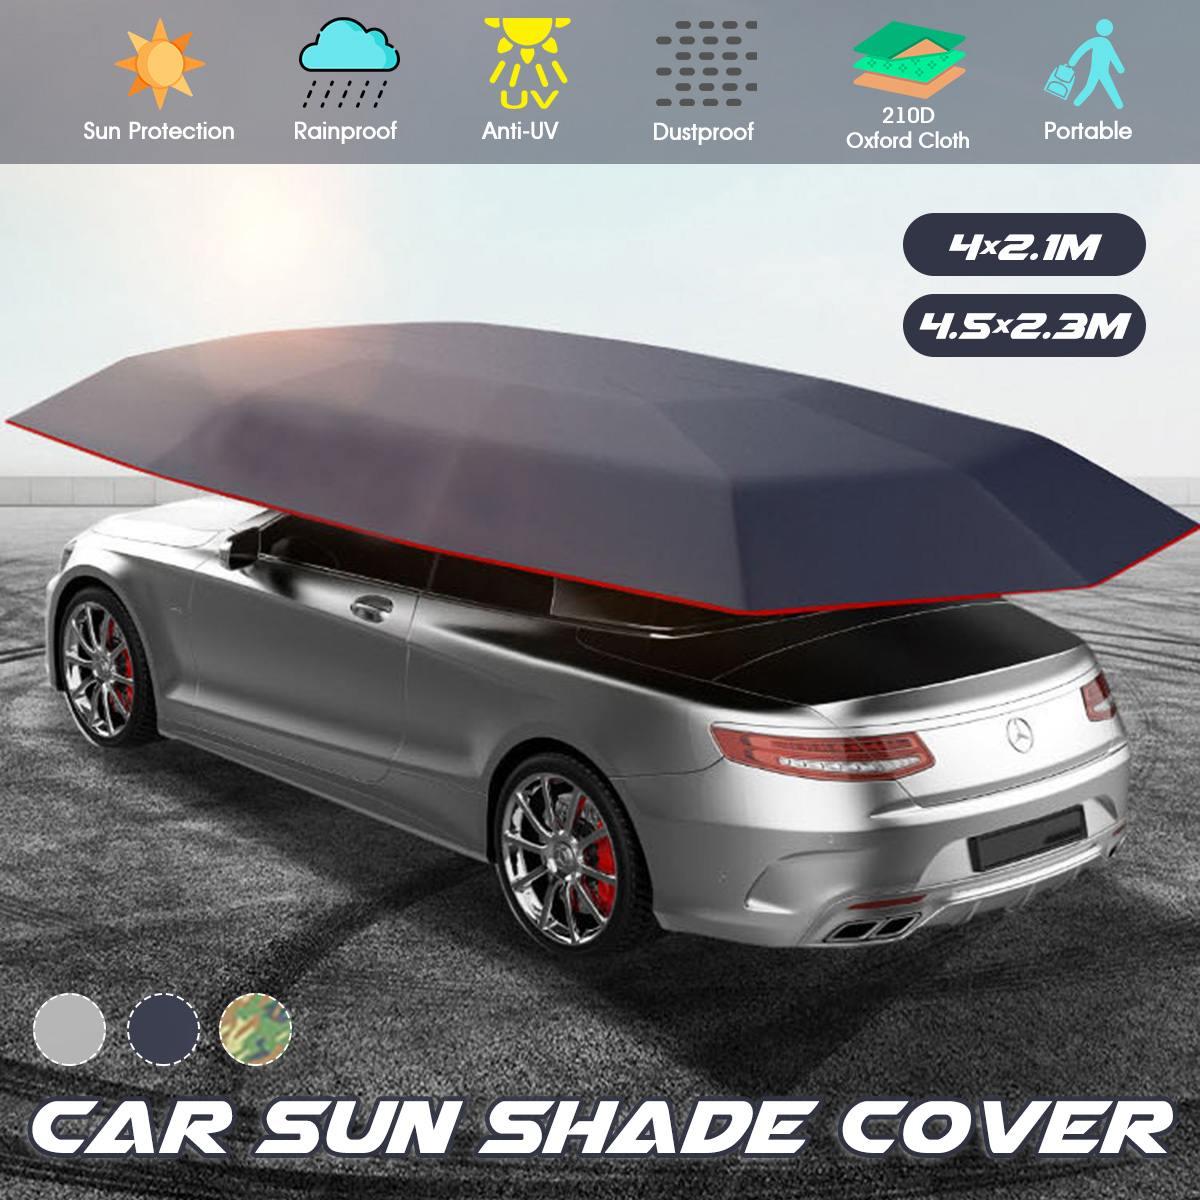 4.5x2.3 M/4.2x2.1 M extérieur voiture véhicule tente voiture parapluie soleil ombre couverture Oxford tissu Polyester couvre sans support